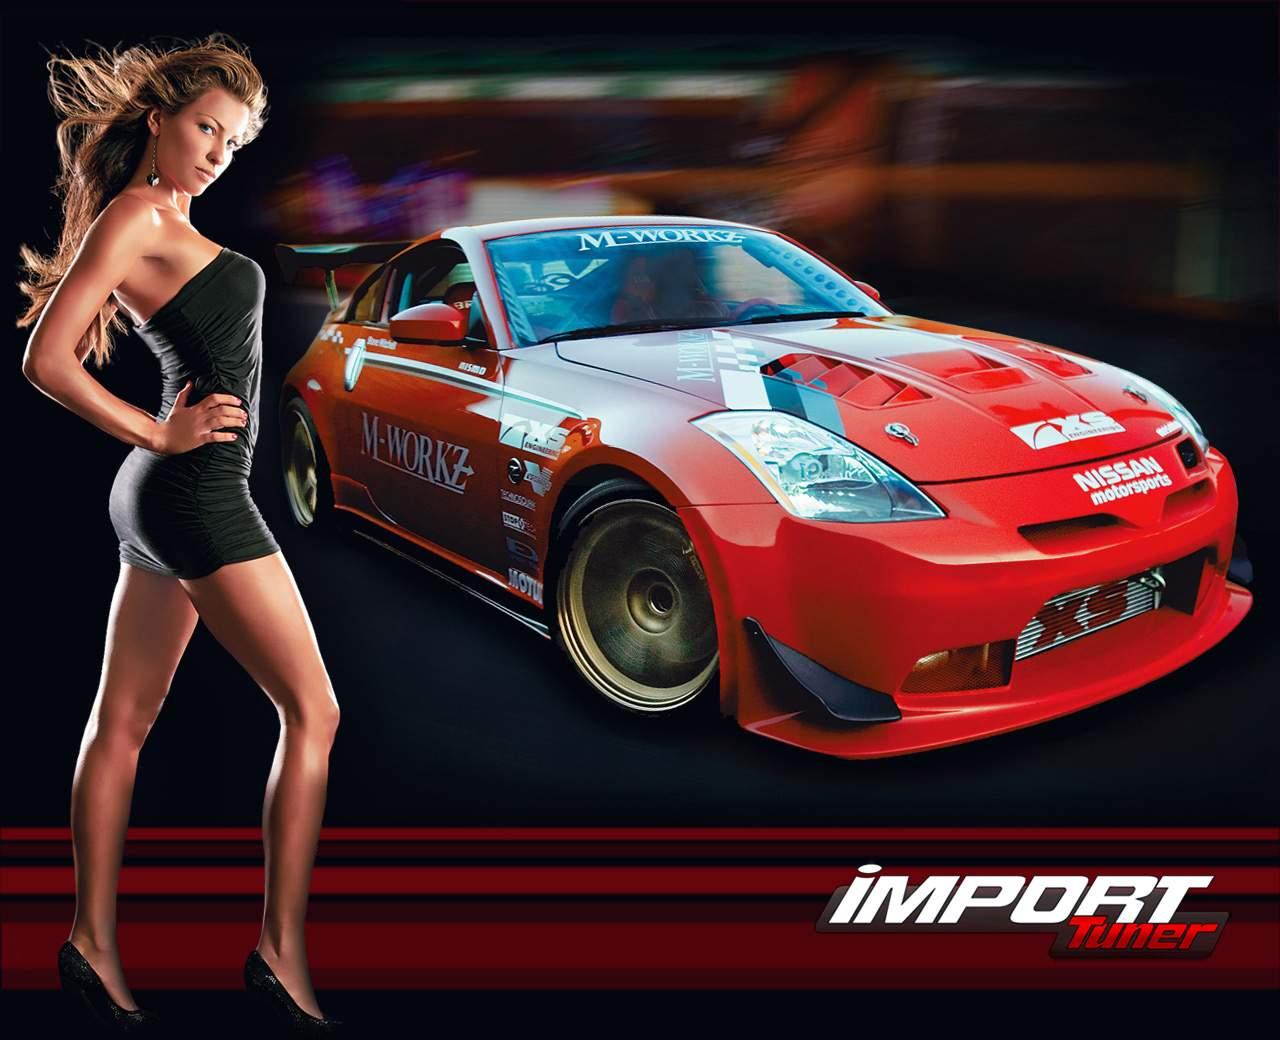 naked-import-tuner-girl-up-skirt-wet-diaper